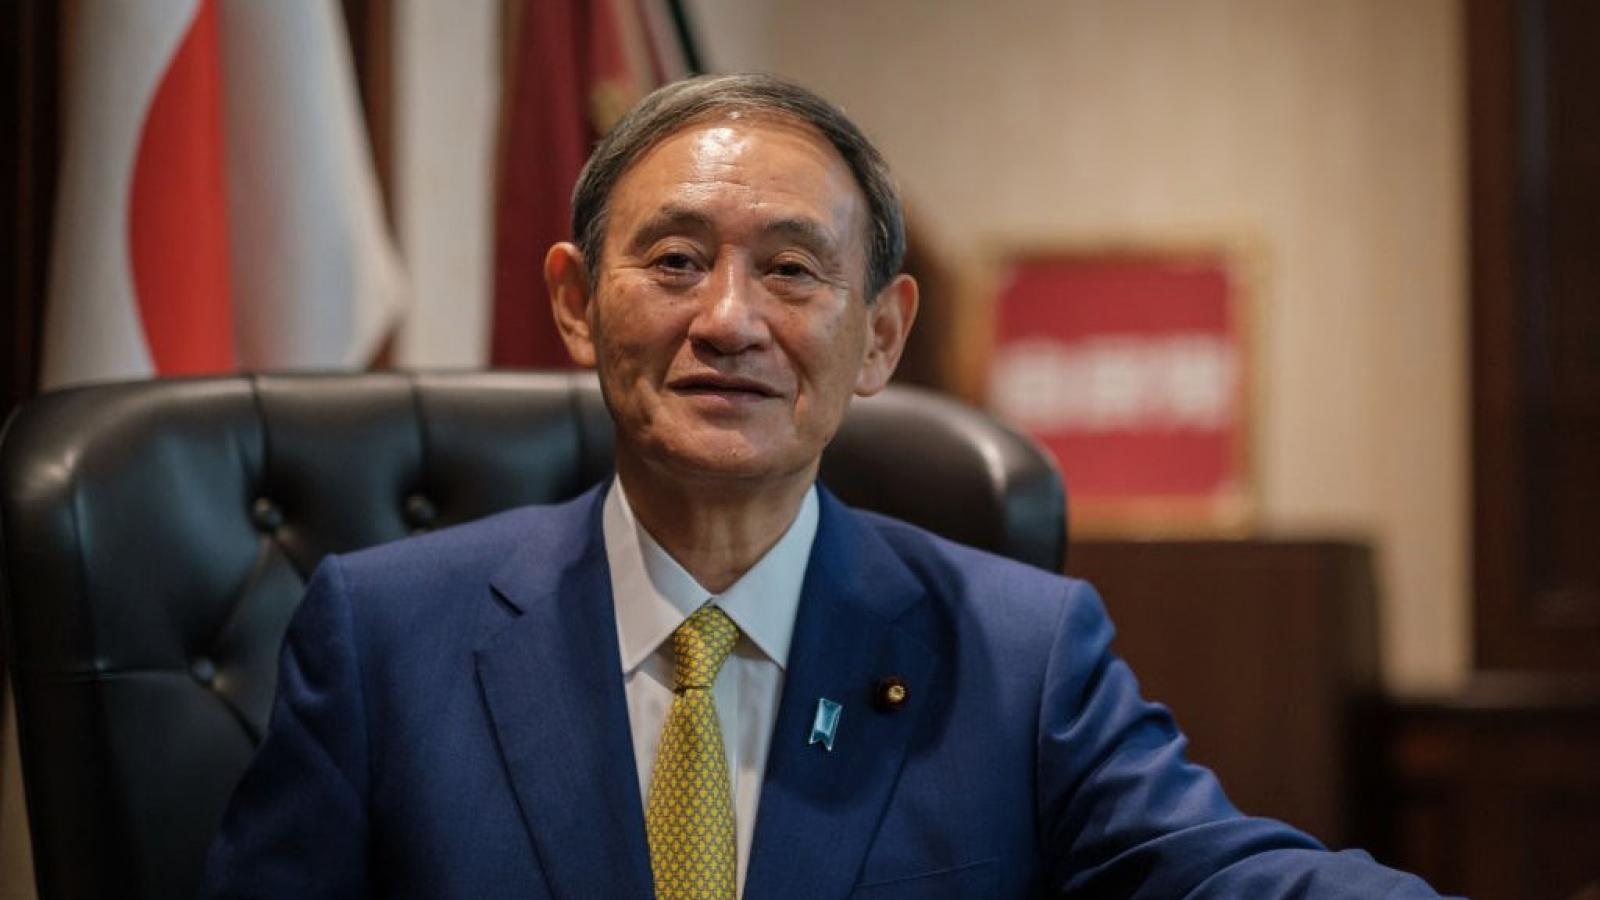 Nhật Bản mong muốn giữ quan hệ ổn định với các nước láng giềng